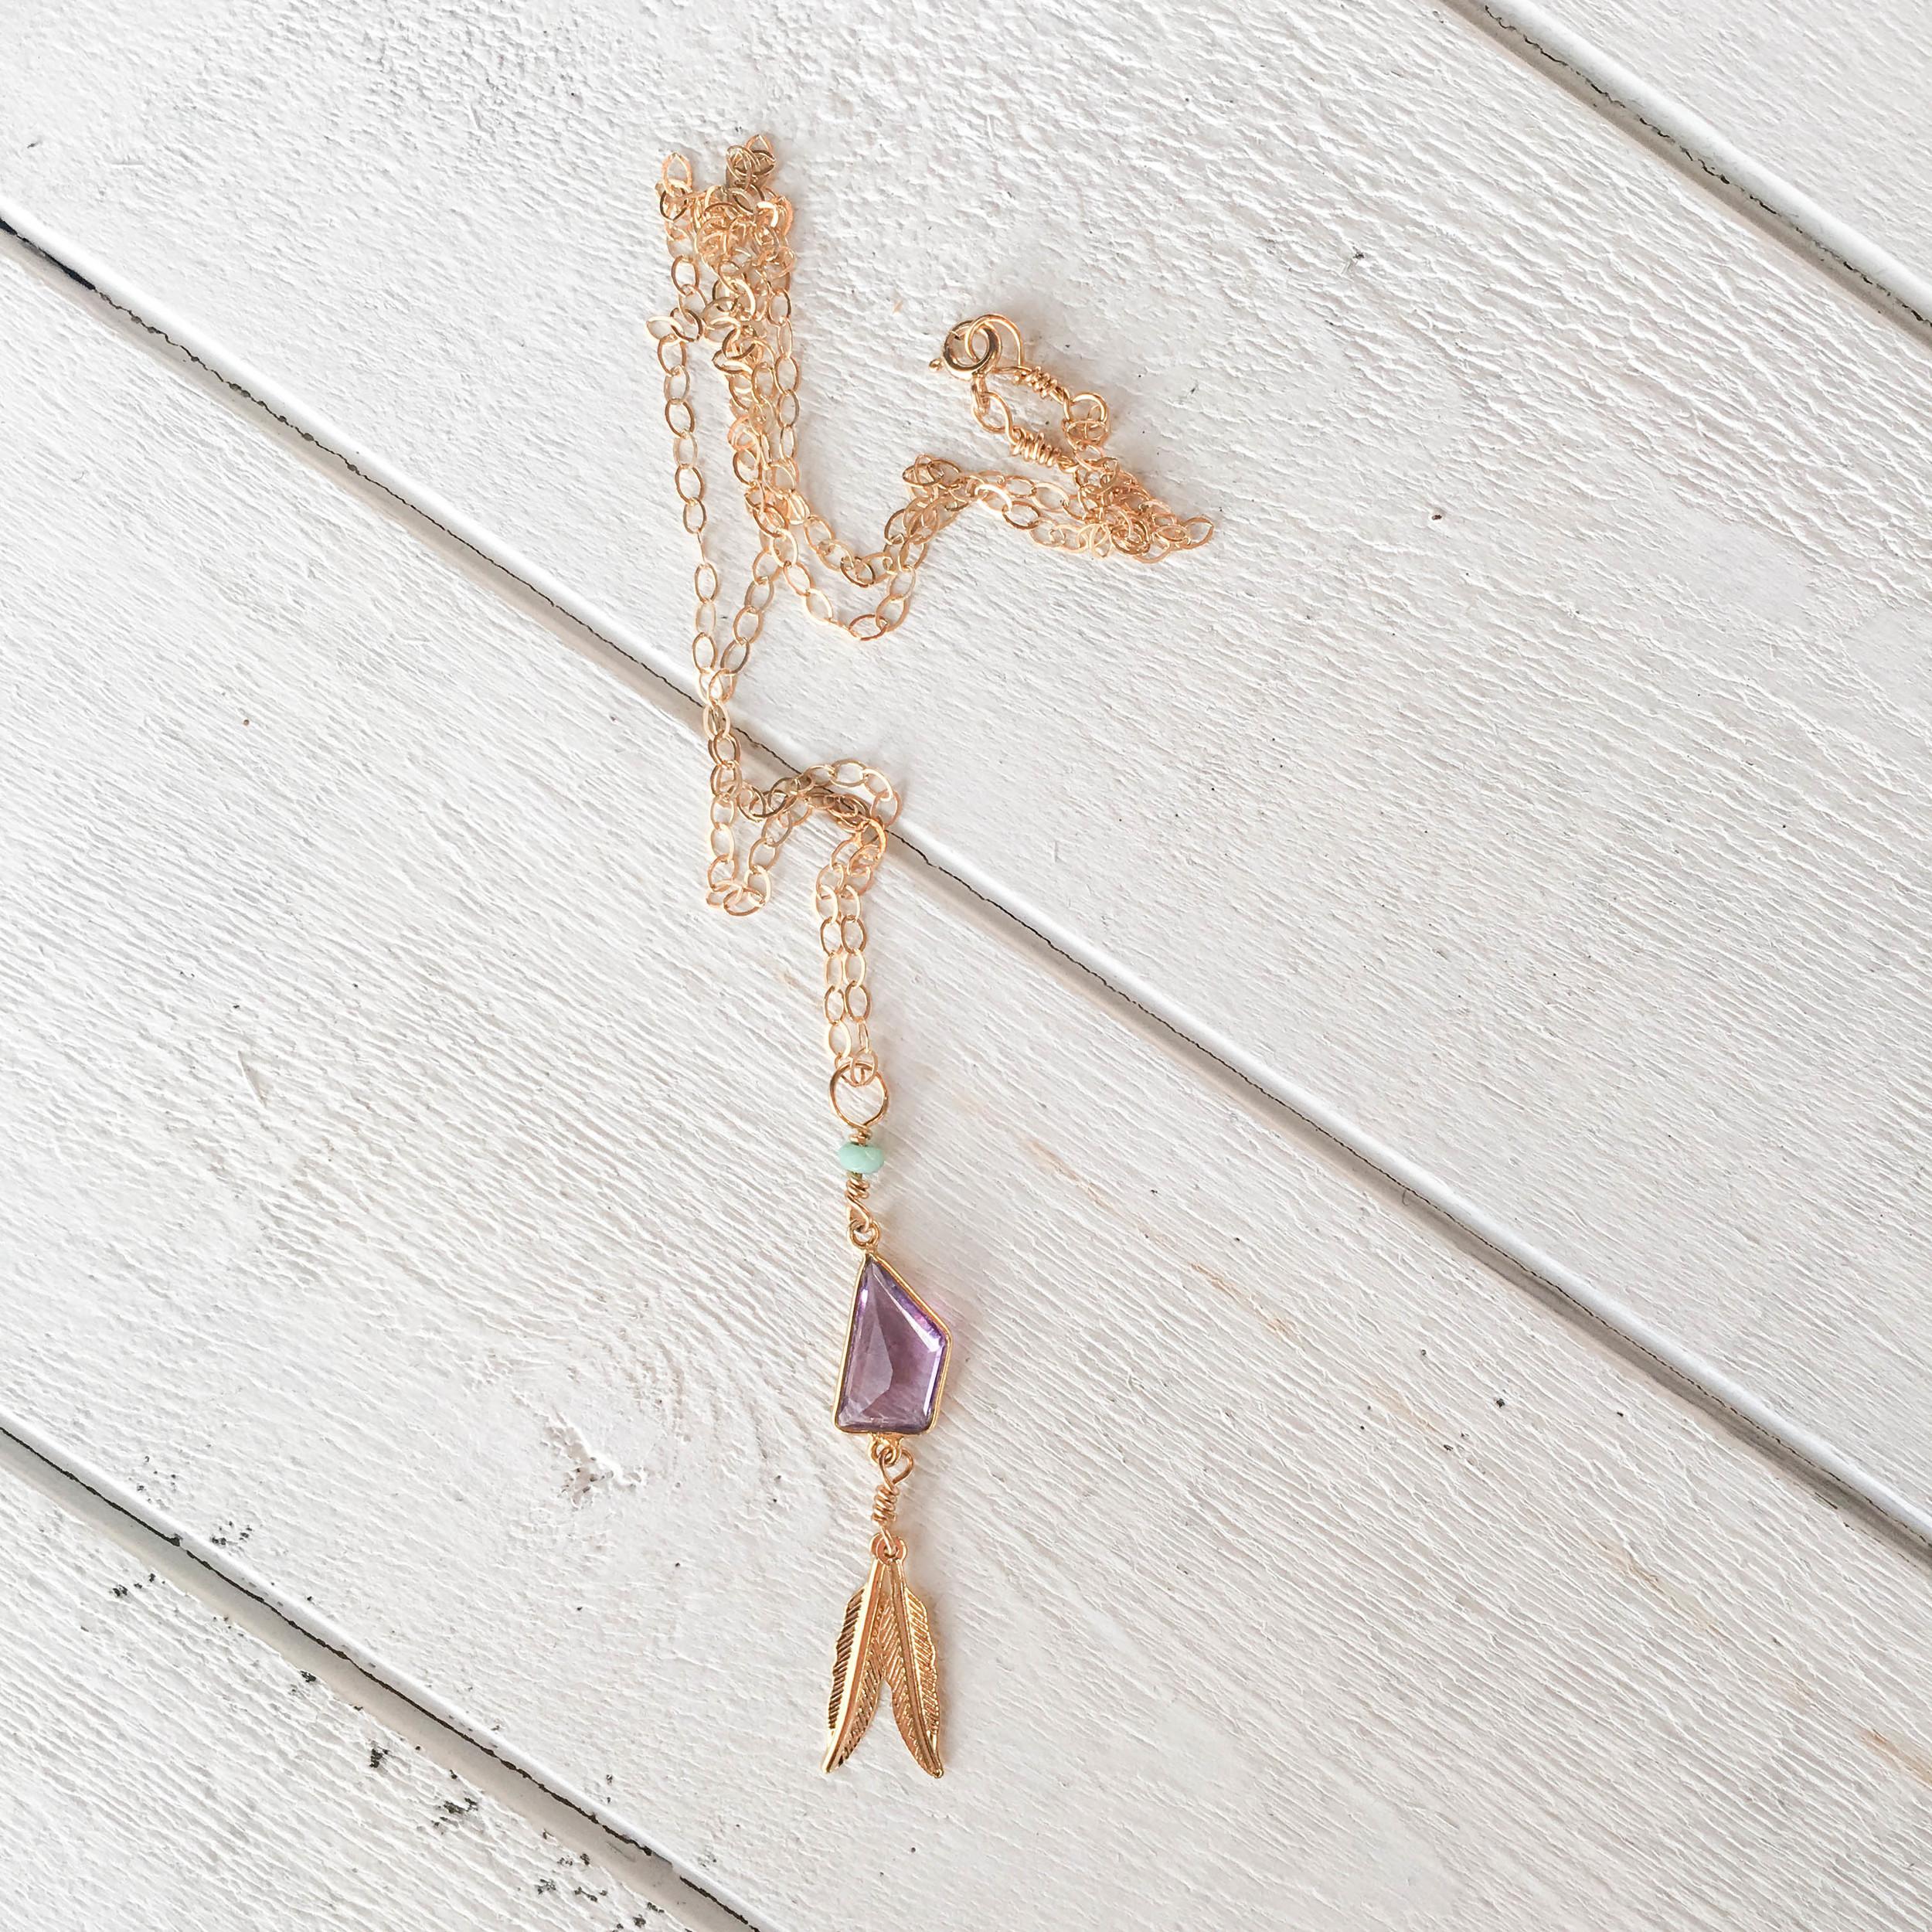 Boss lady jewelry by Hattie Rex in Montana